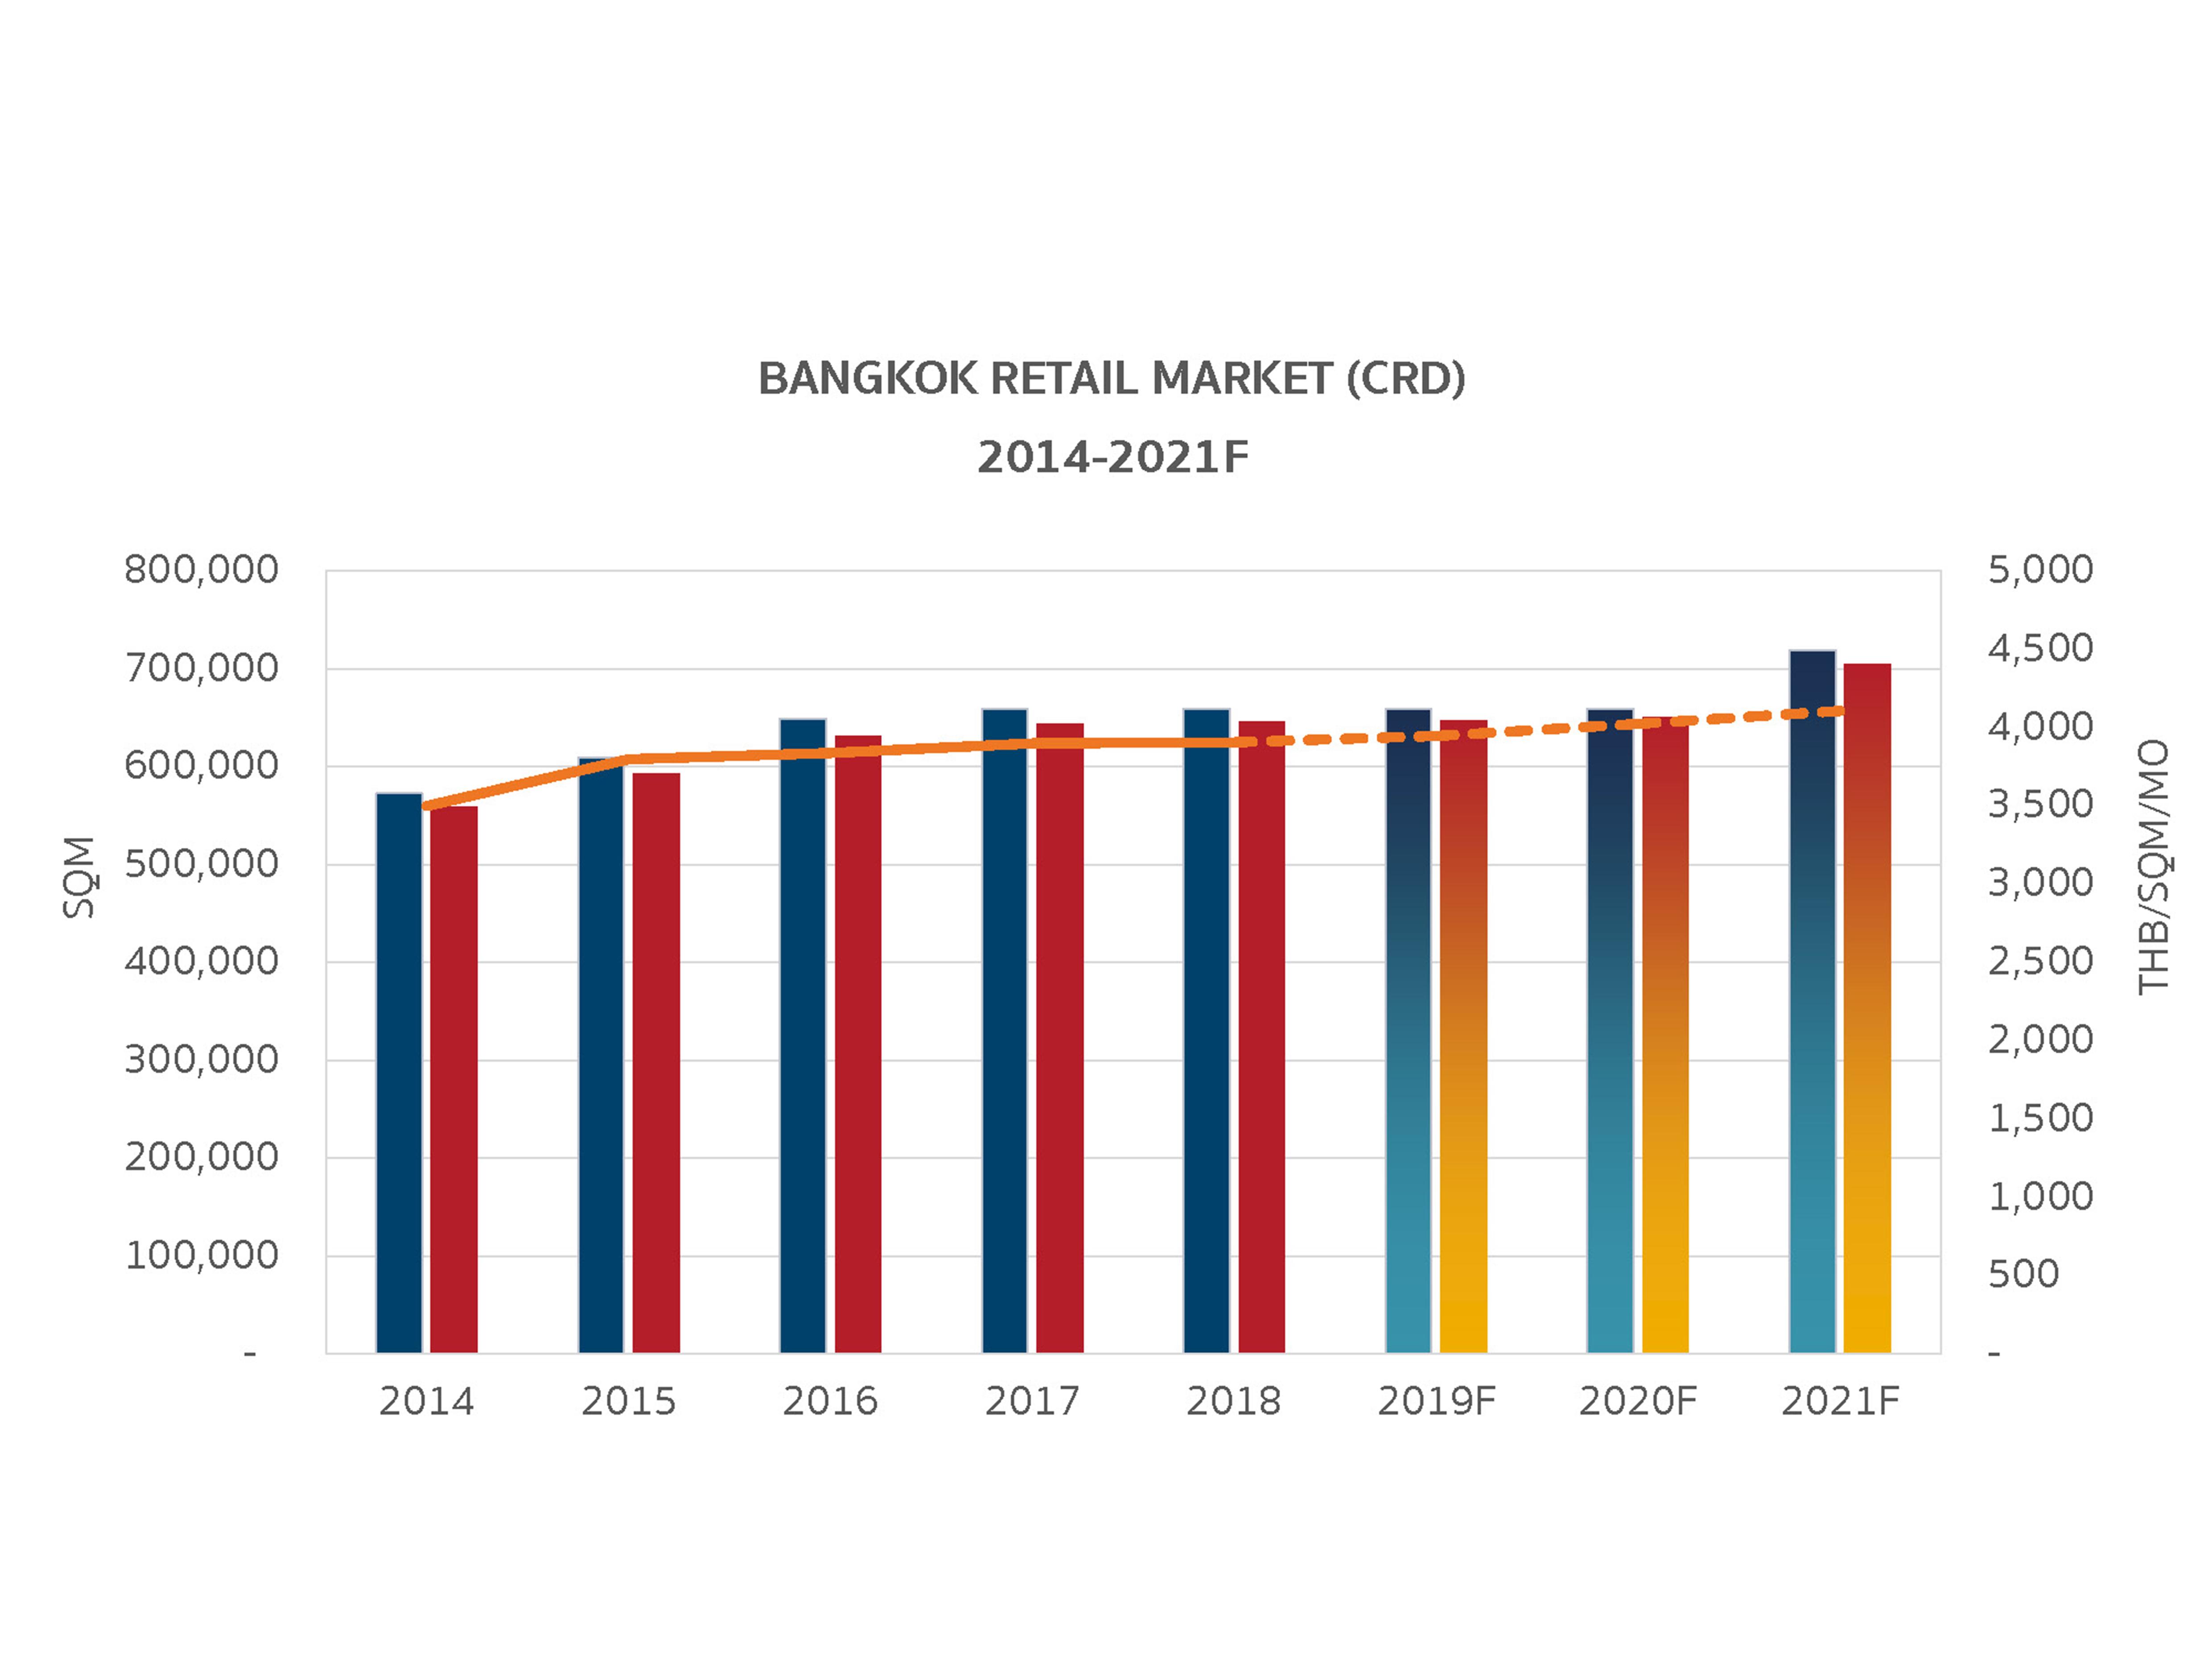 003. Bangkok Retail Market (CRD)